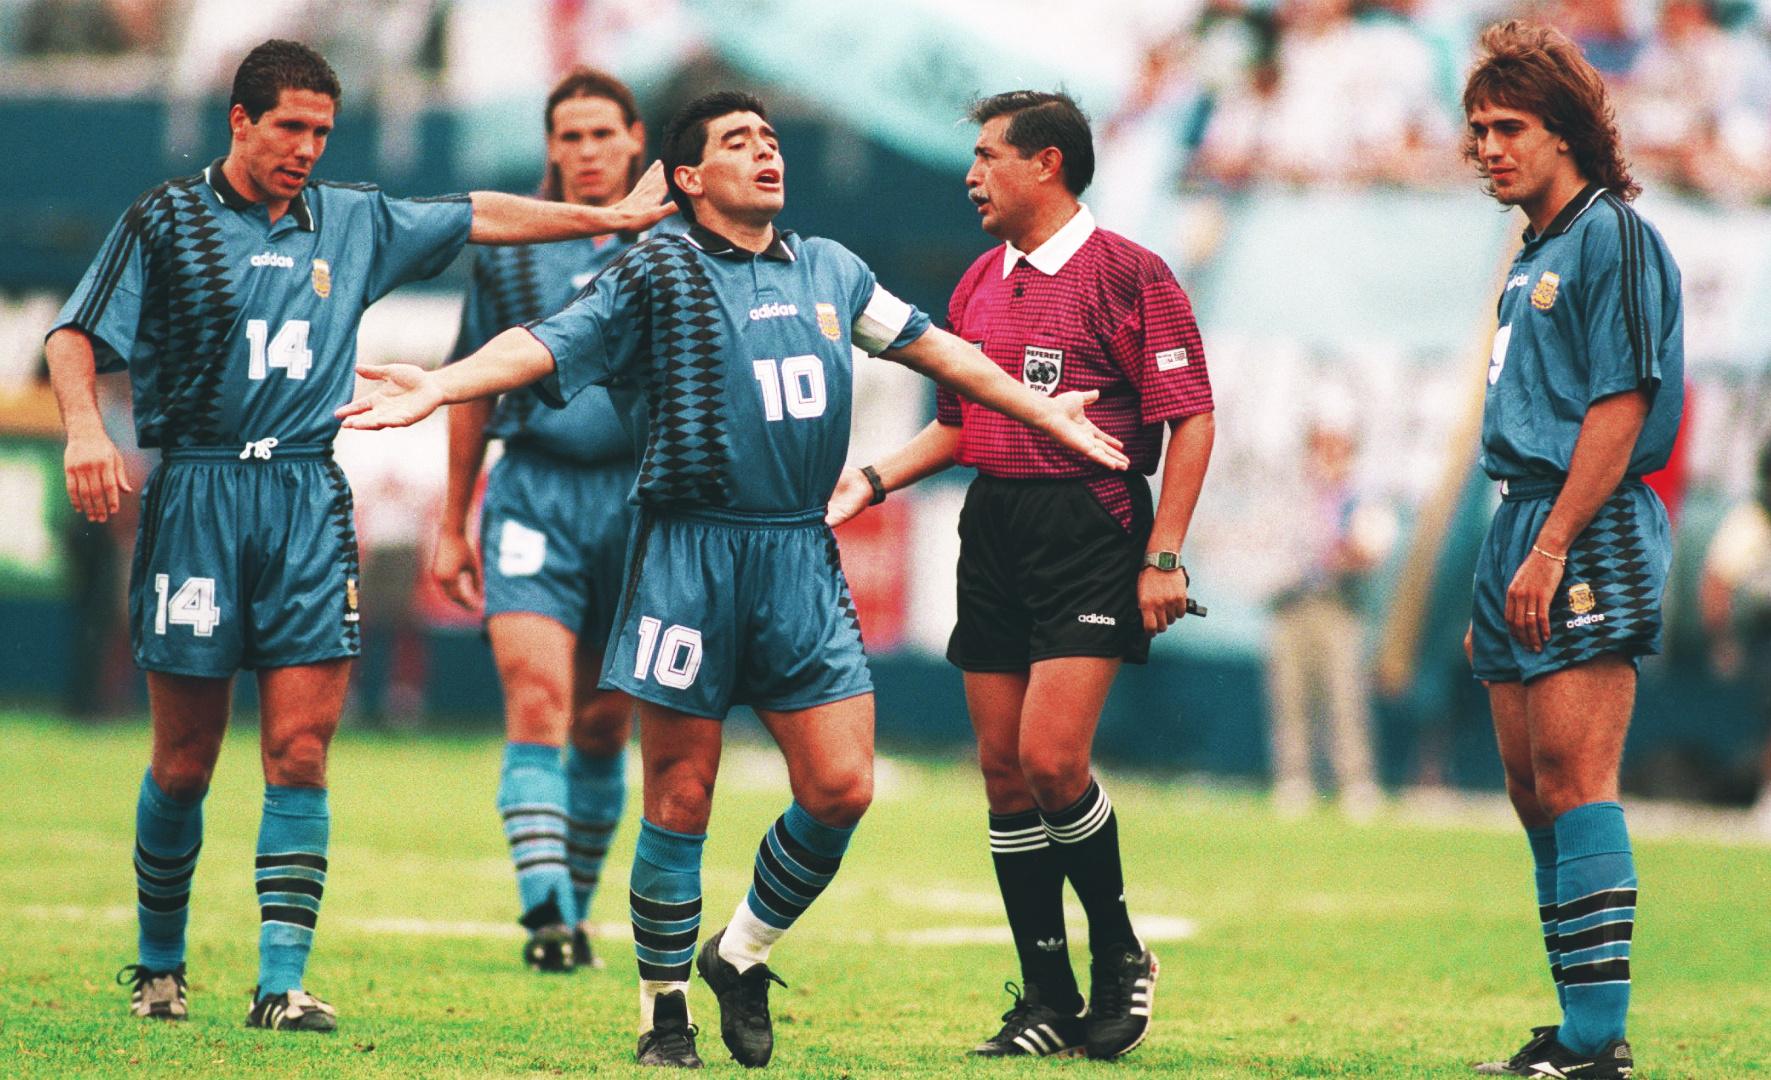 Videoja e rrallë, kur Maradona përgatitej për USA 1994